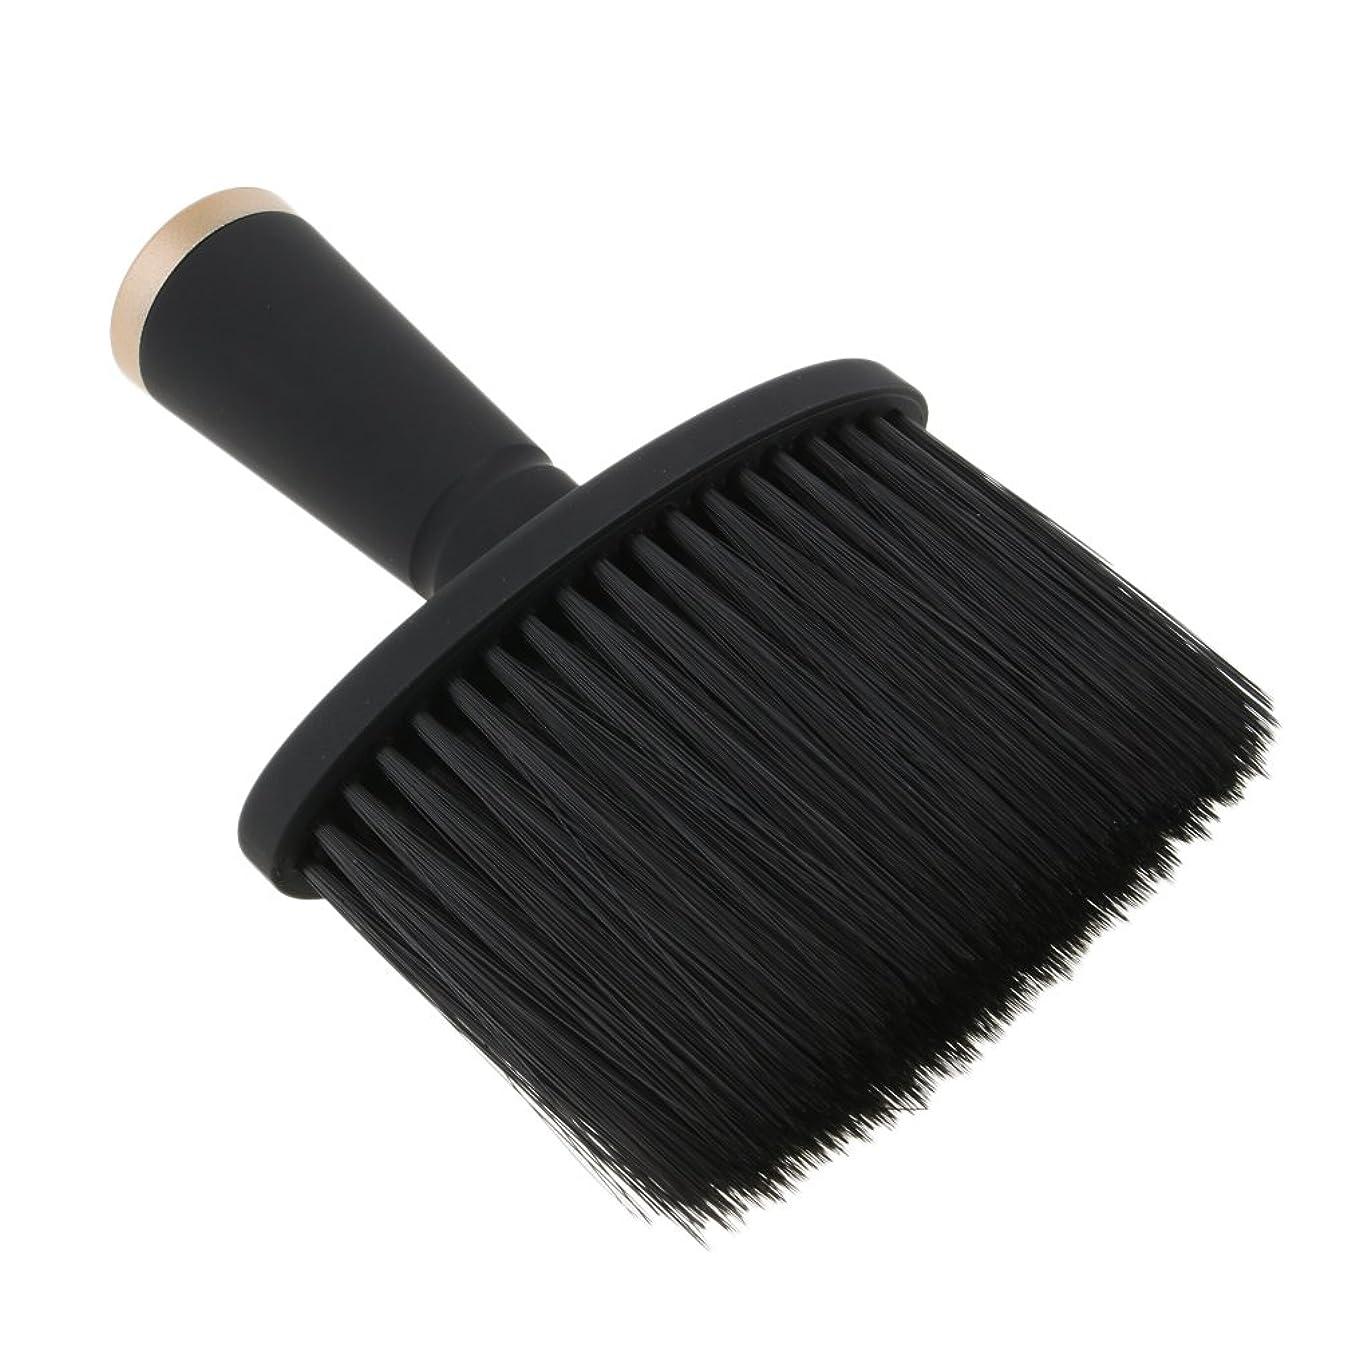 初期のピッチャー数字Kesoto ネックダスターブラシ ヘアカット ヘアブラシ ソフト サロン ヘアスタイリスト 理髪 全2色 - ゴールド